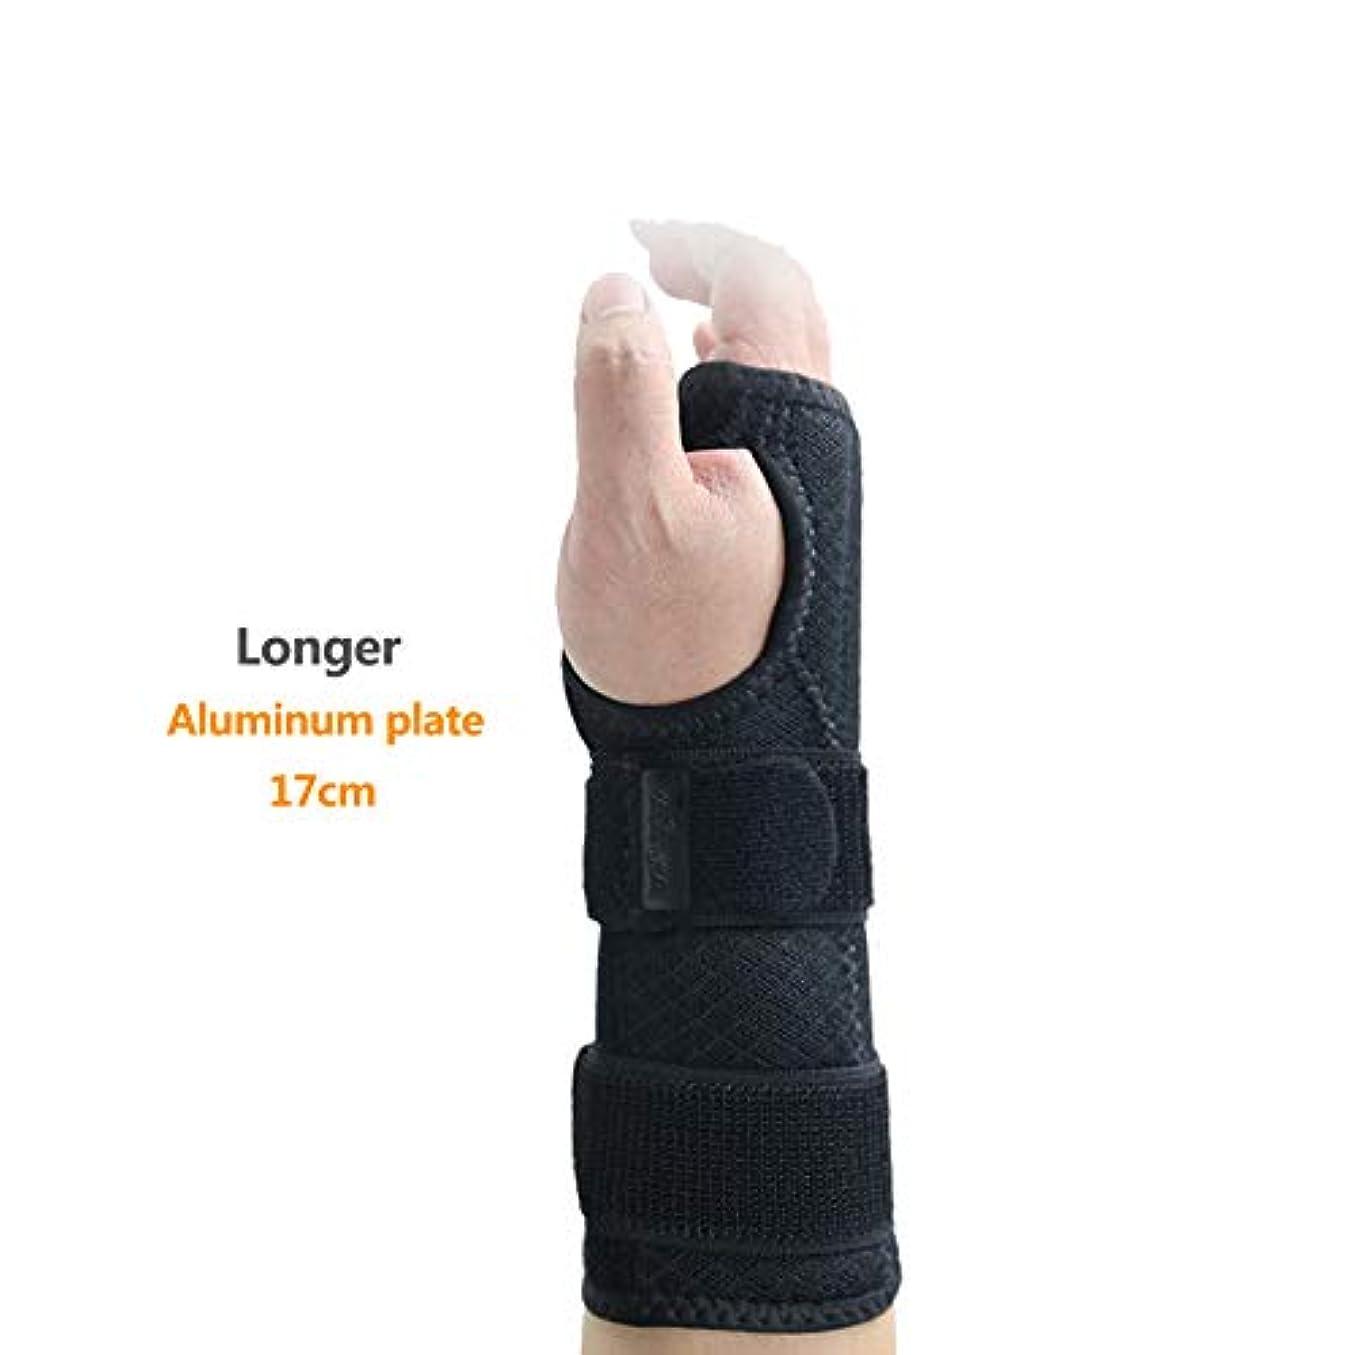 アクセシブル改修航空会社リムーバブルスプリント鋼板および調節可能なラップと手首ラップサポート、手根管腱鞘炎手首の痛みを軽減捻挫のためのサポート